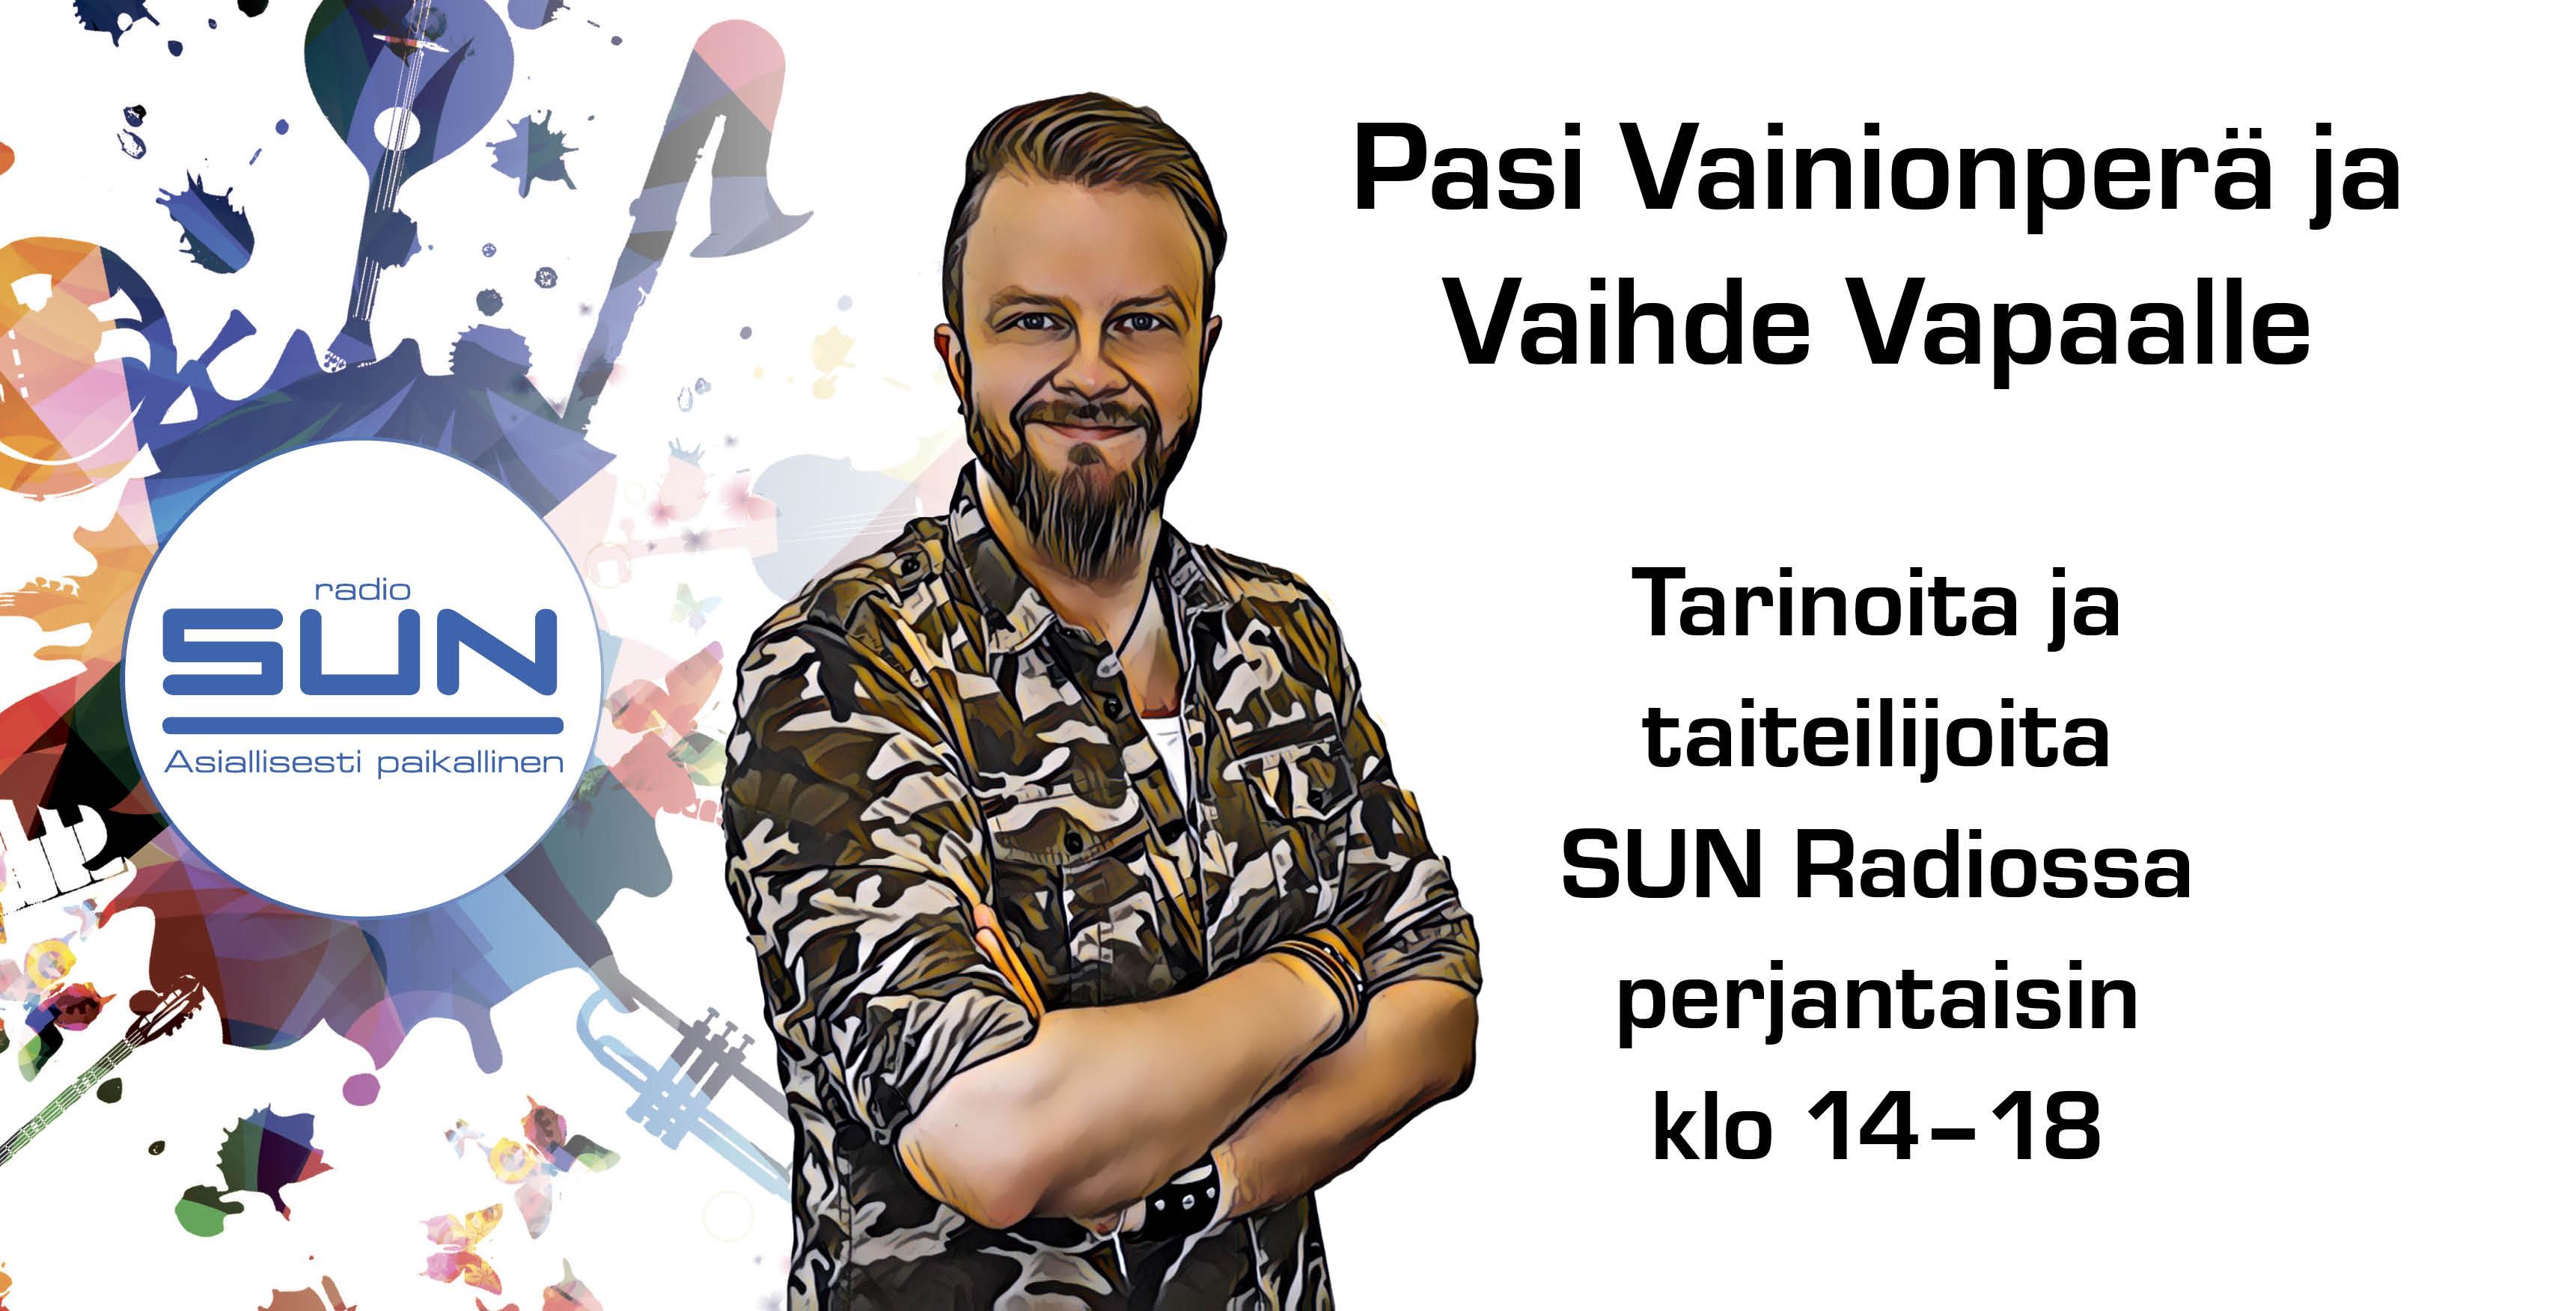 SUN_Pasi_Vainionpera_1000x509